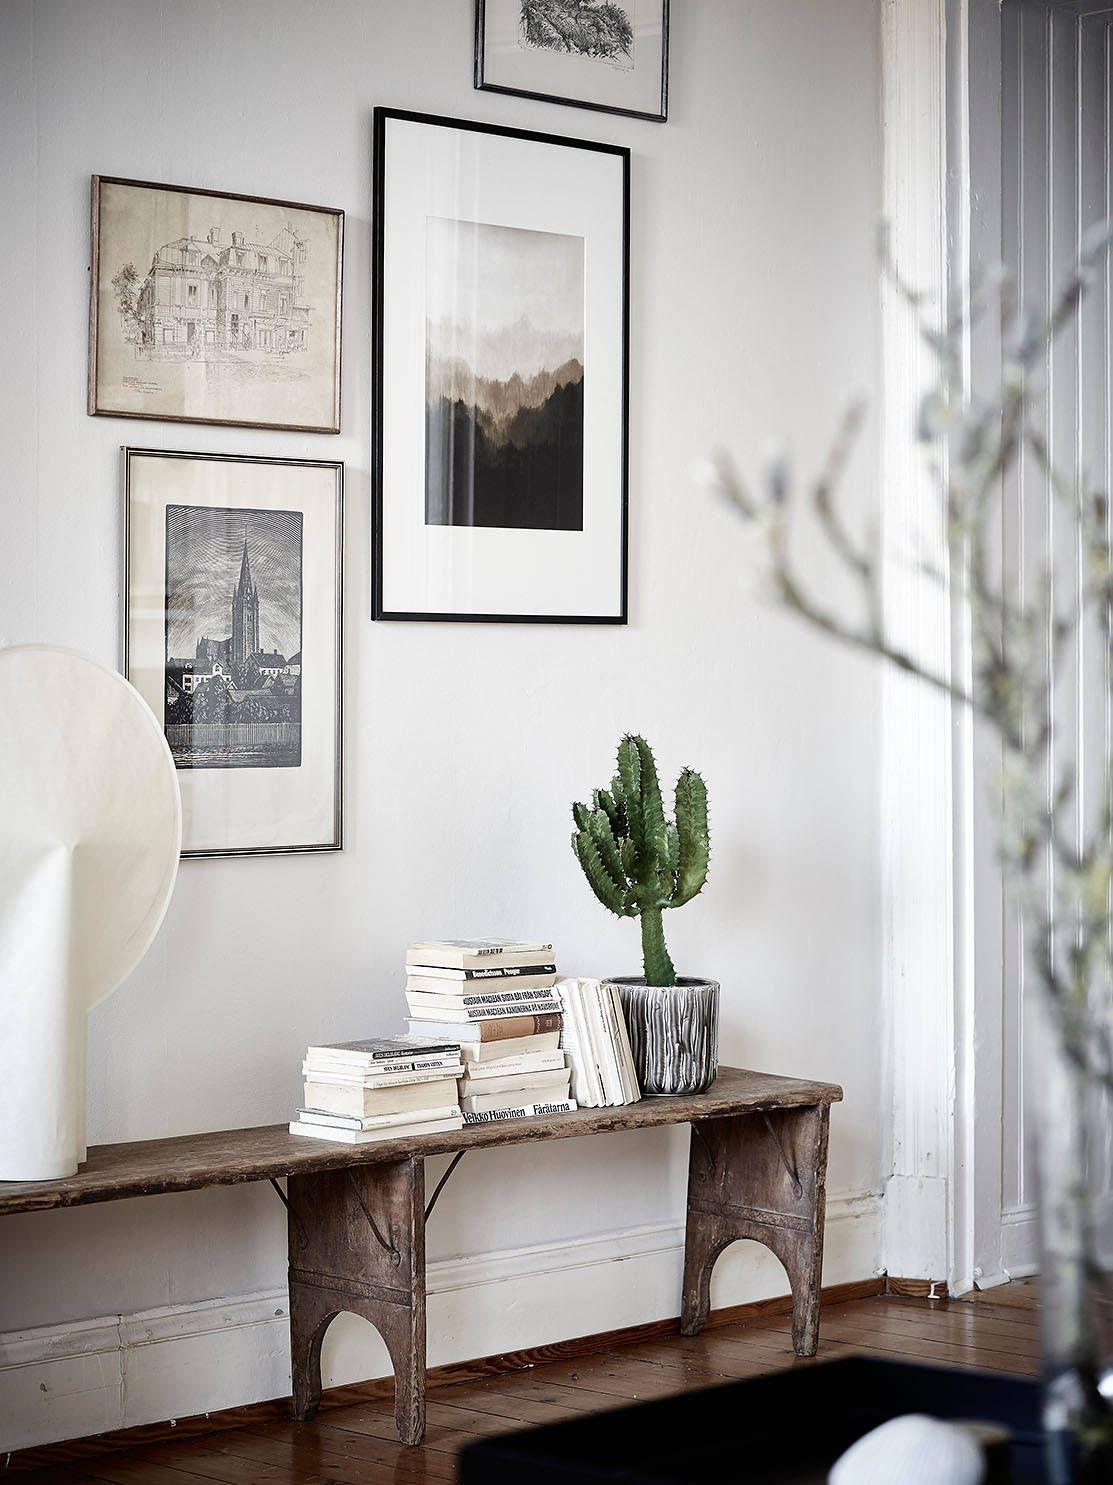 Pin de Anna Katalin Losits en Home inspirations | Pinterest ...